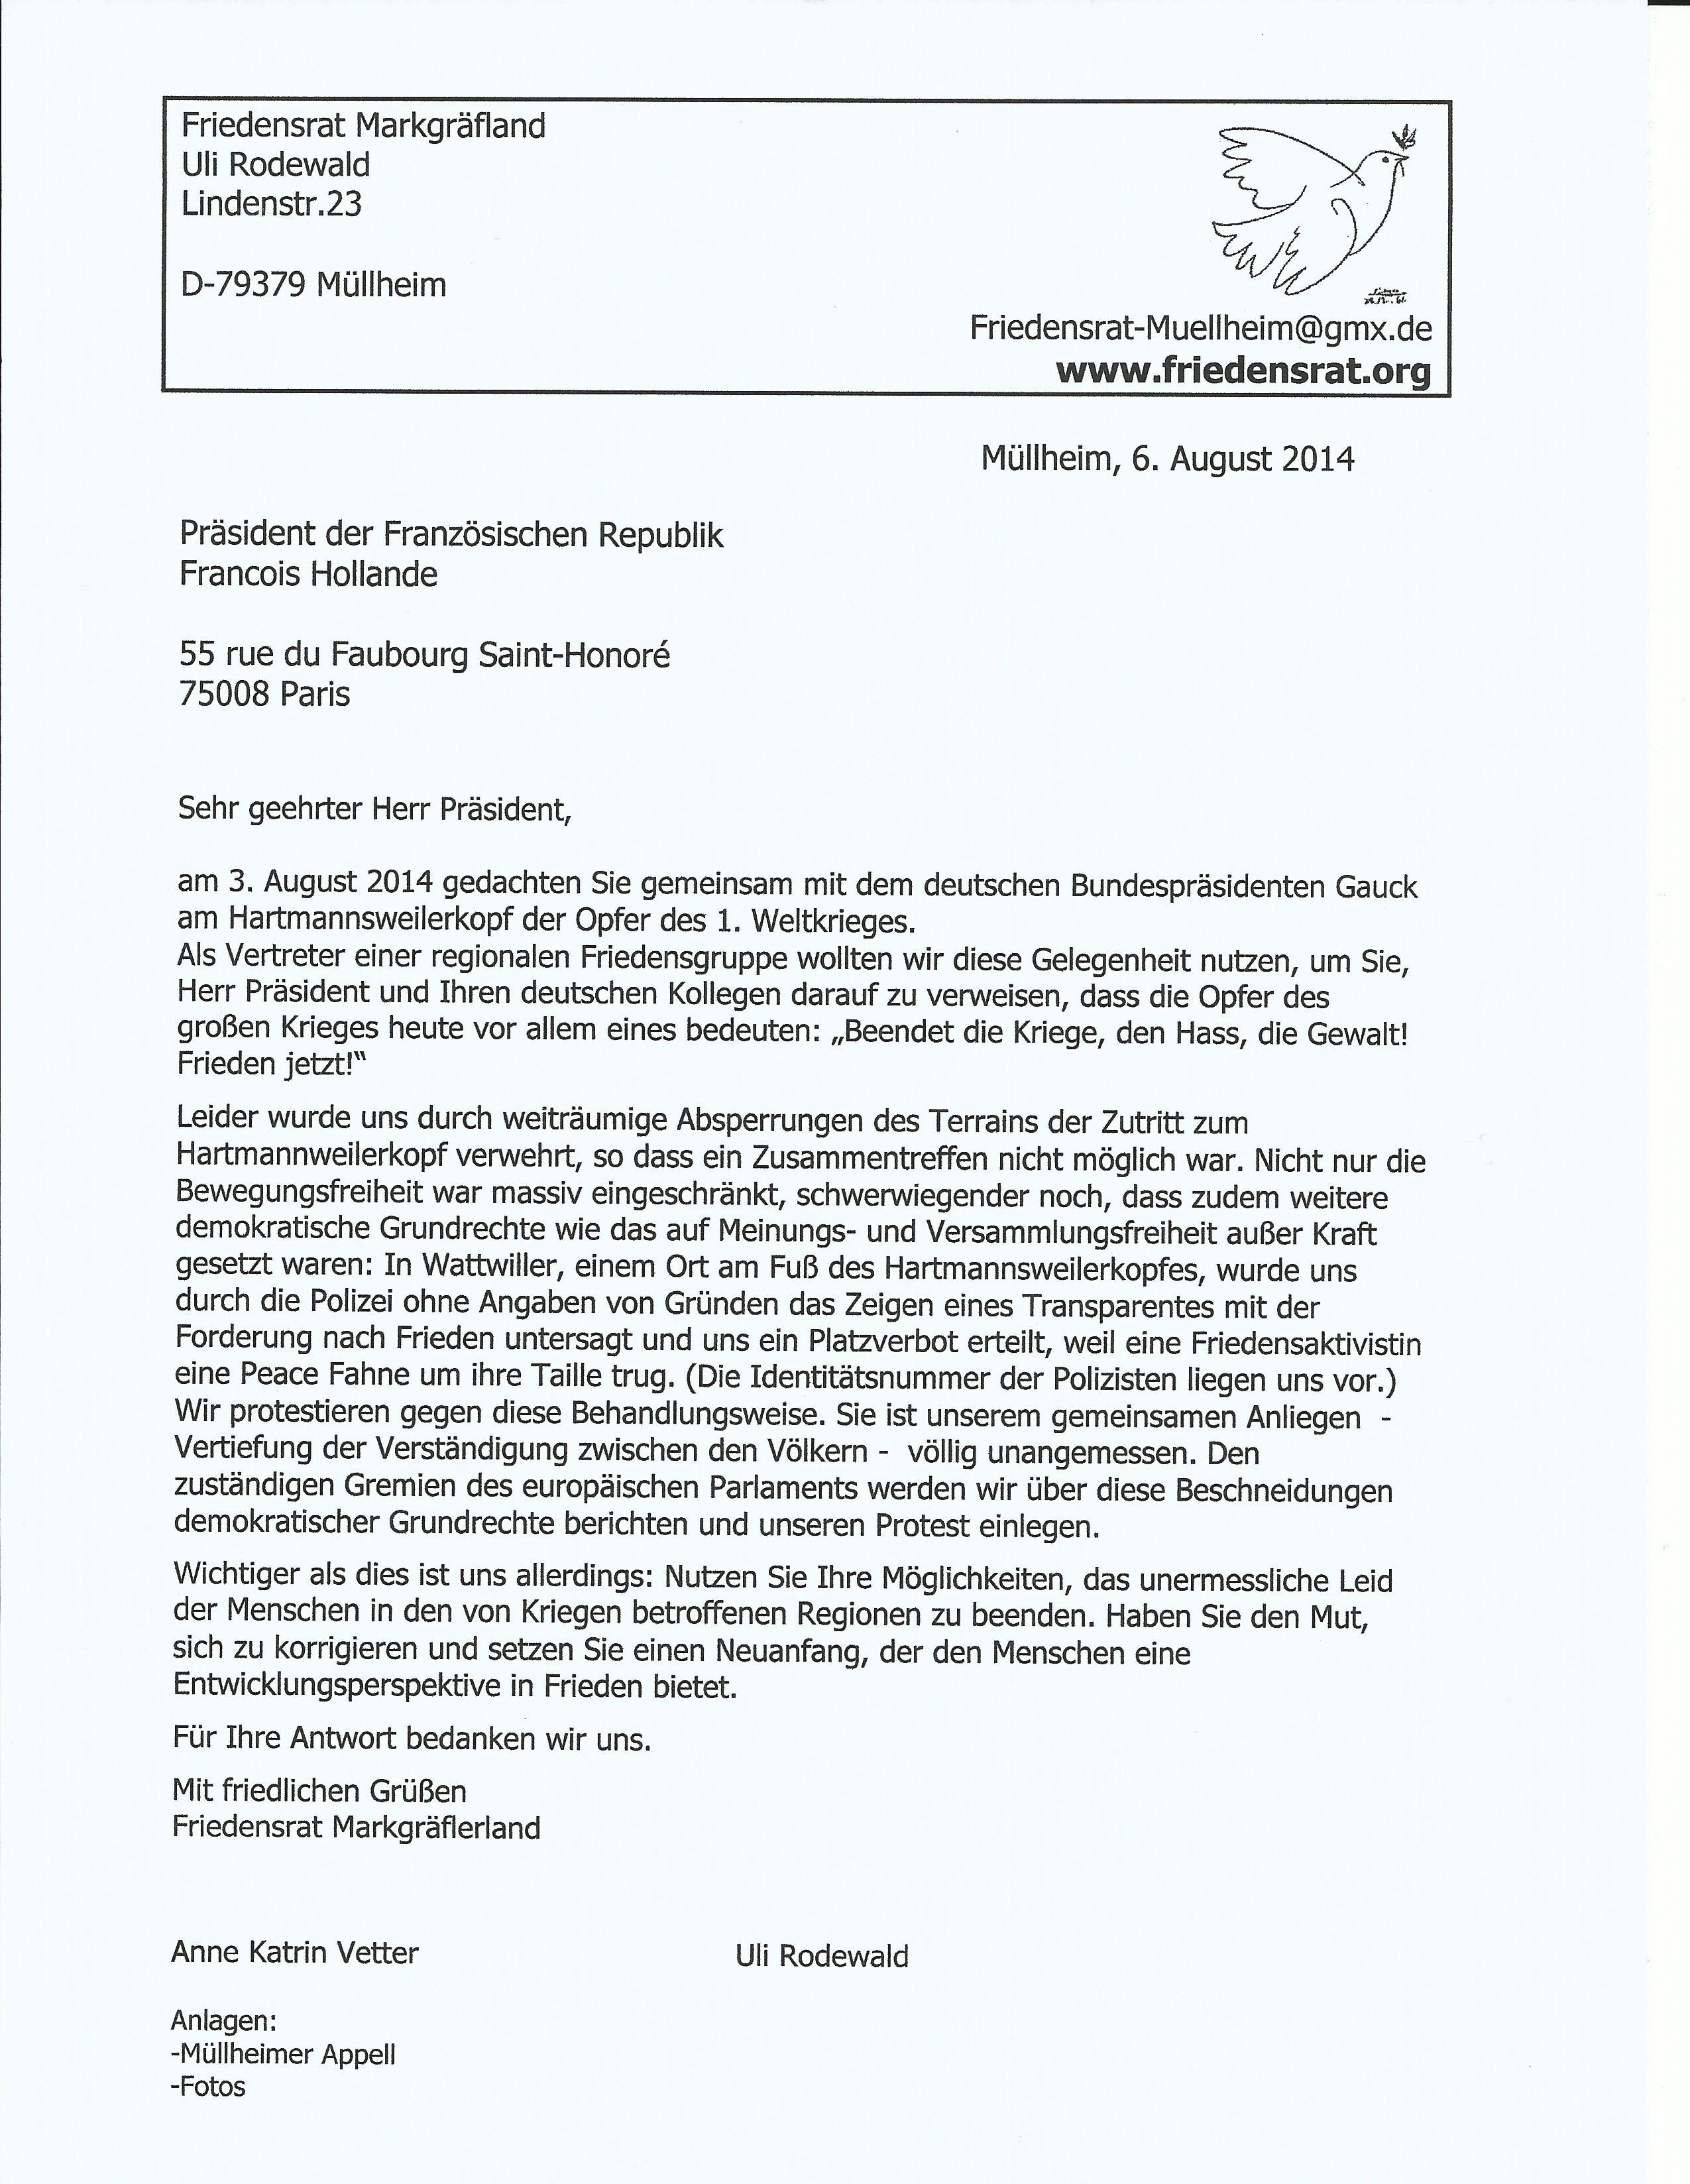 Friedensrat Markgräflerland Nachrichten